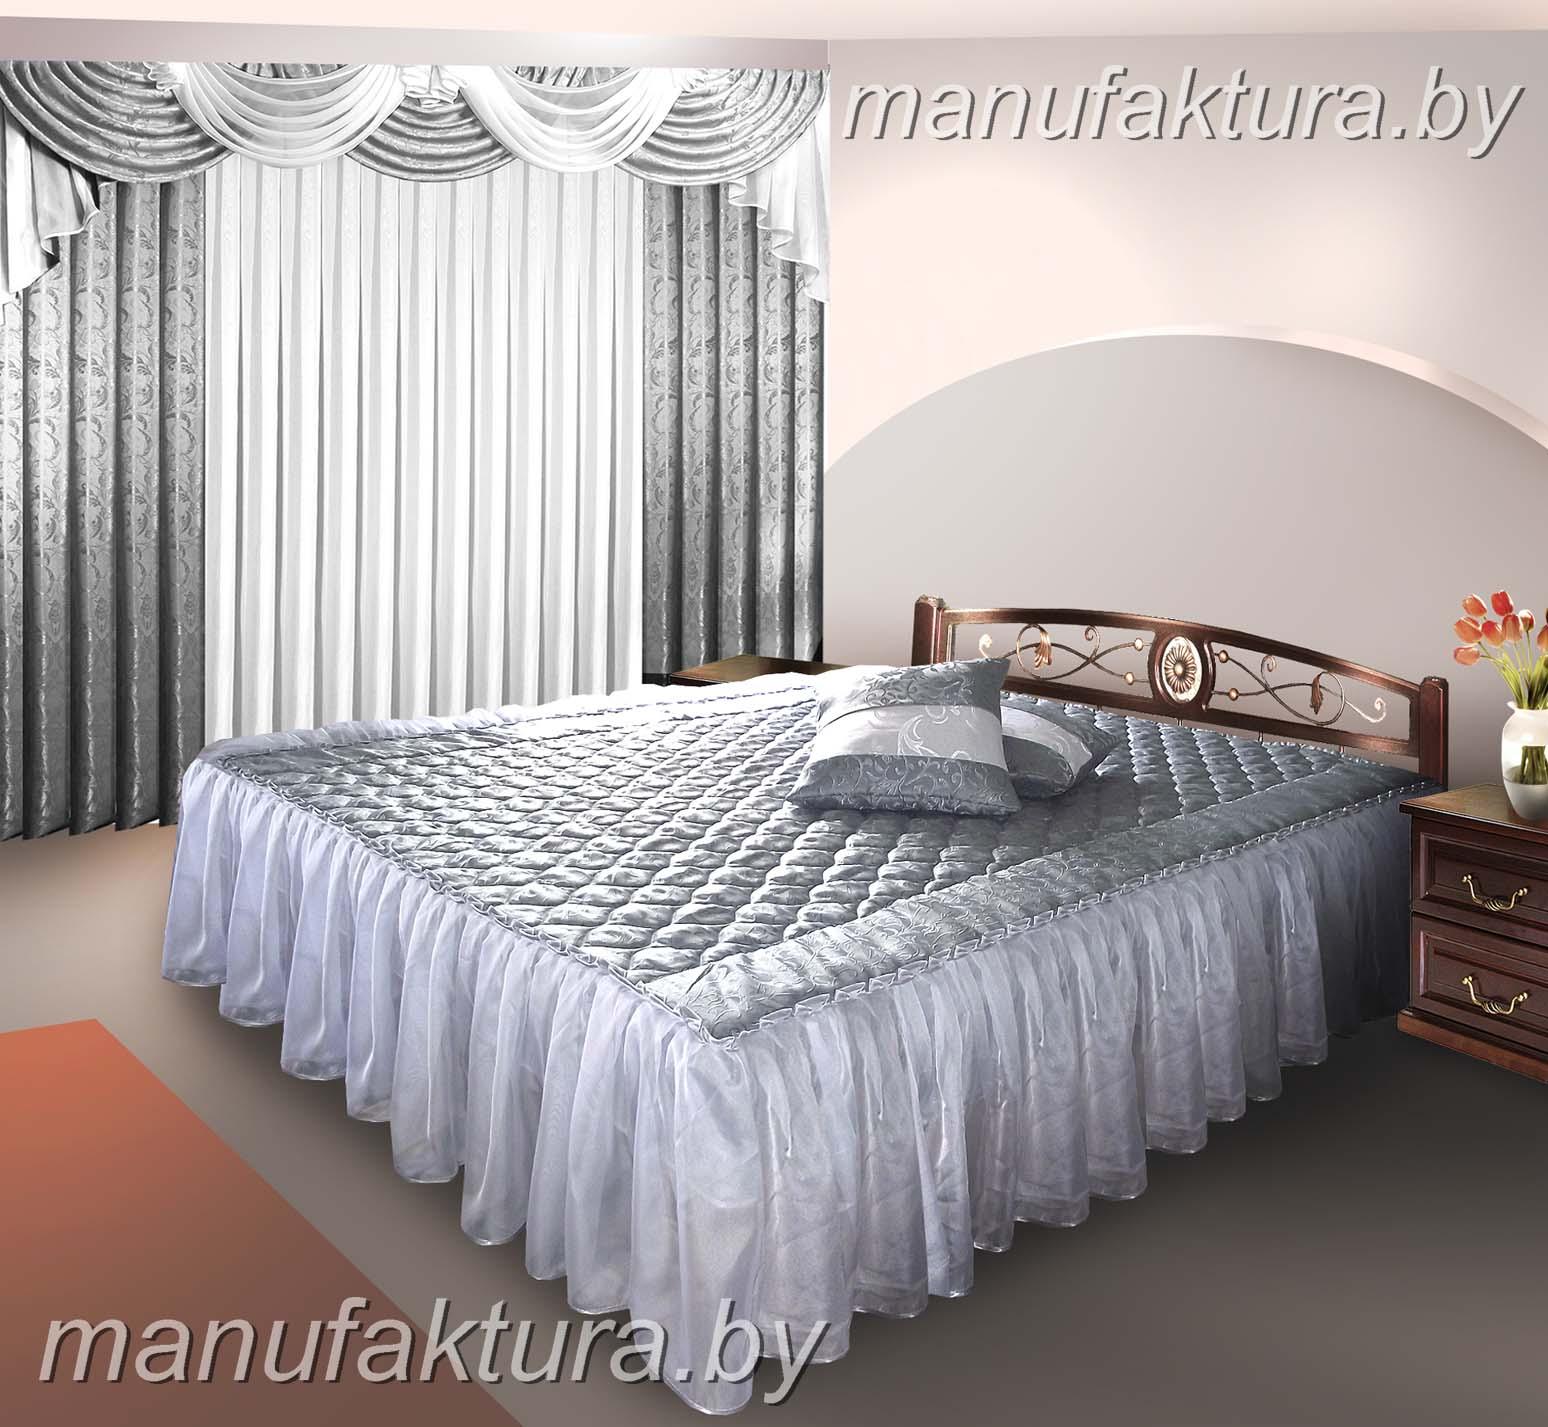 Дизайн штор в спальню с покрывалом фото